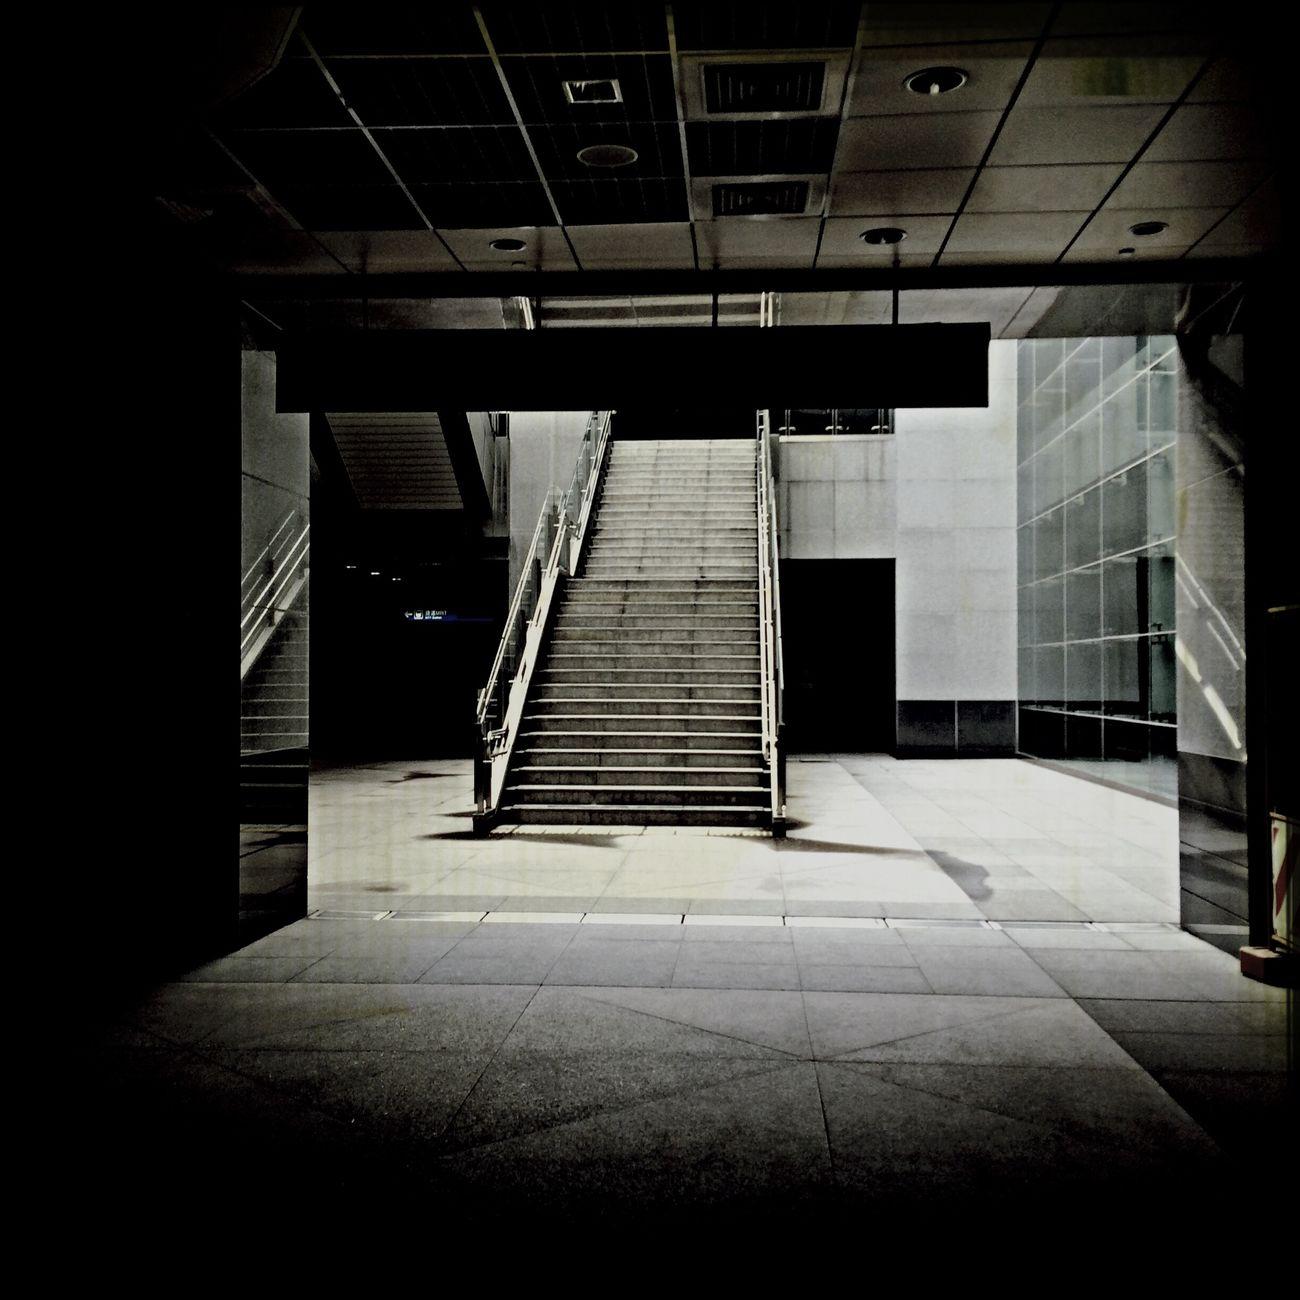 感情也好、生活也好,總是要一個出口。 Exit Taking Photos City Life